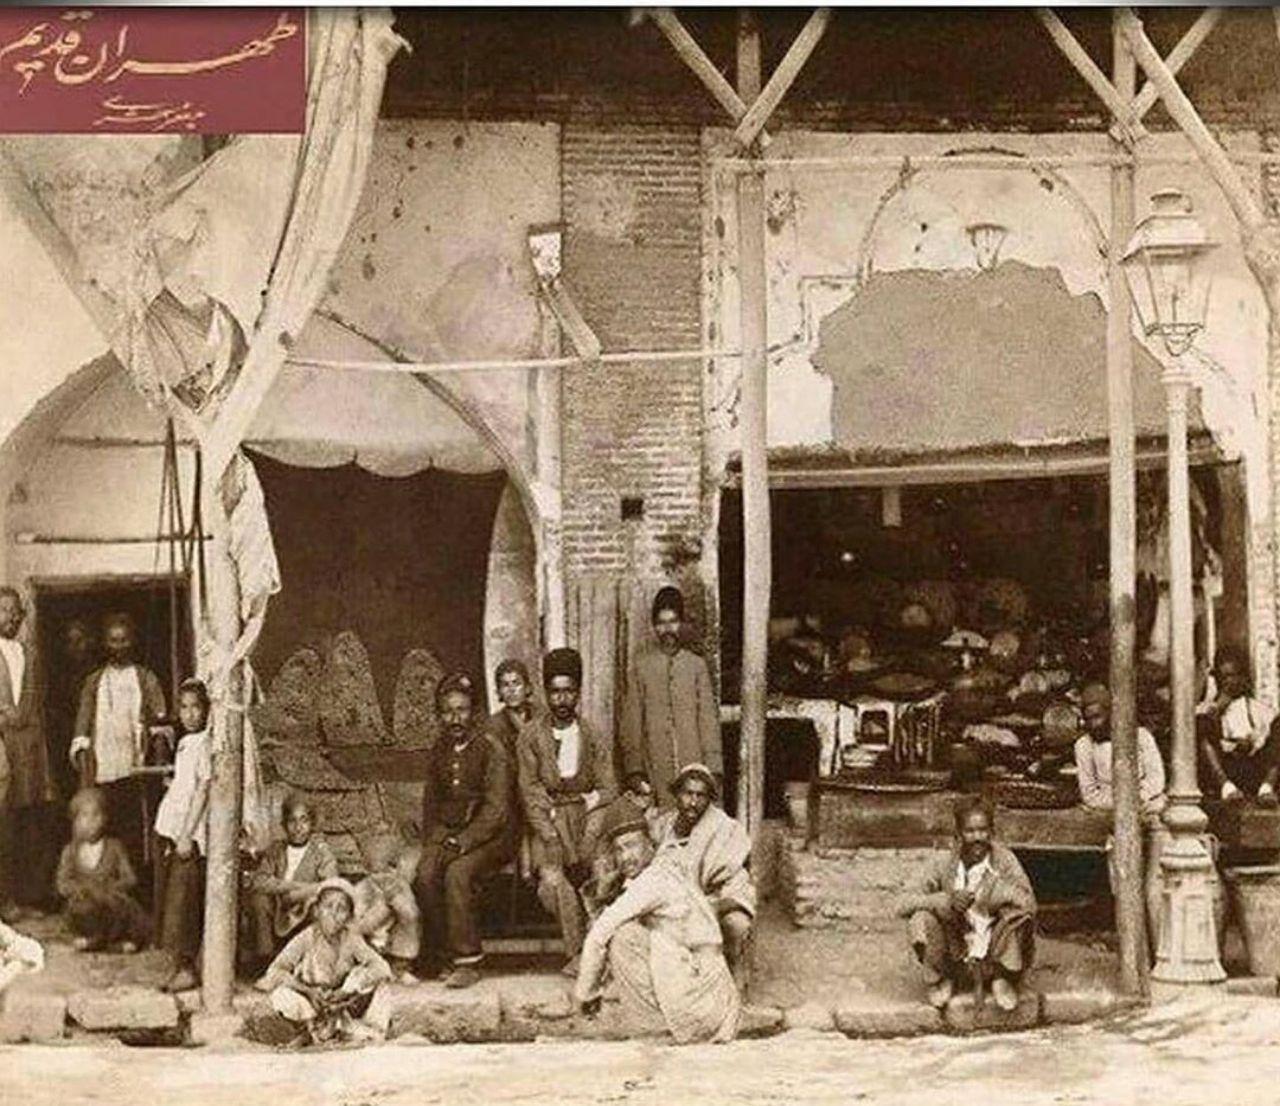 تصویری از یک نانوایی سنگکی در تهران سال ۱۲۸۷